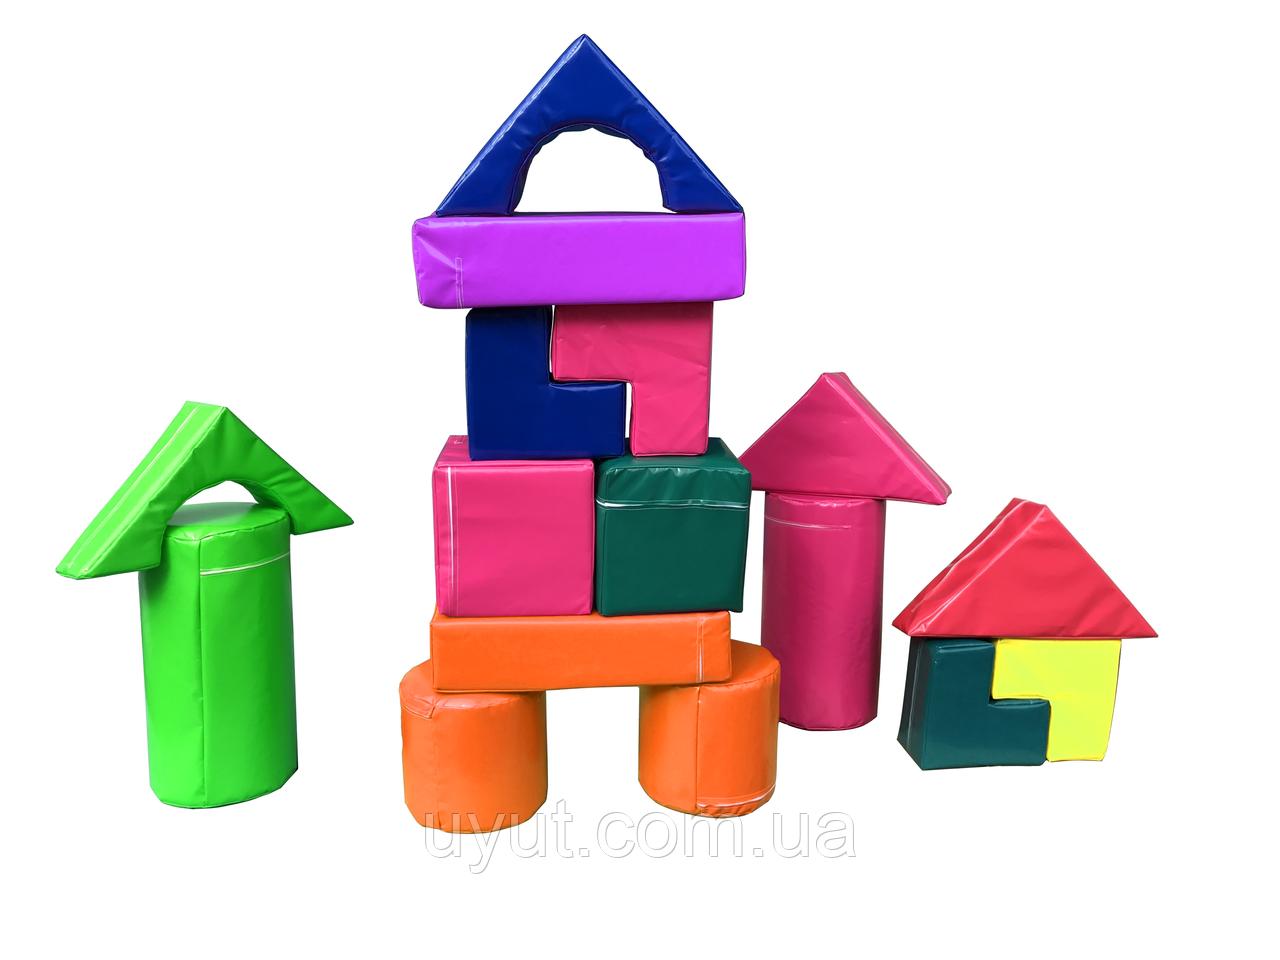 Конструктор Архитектор - 1